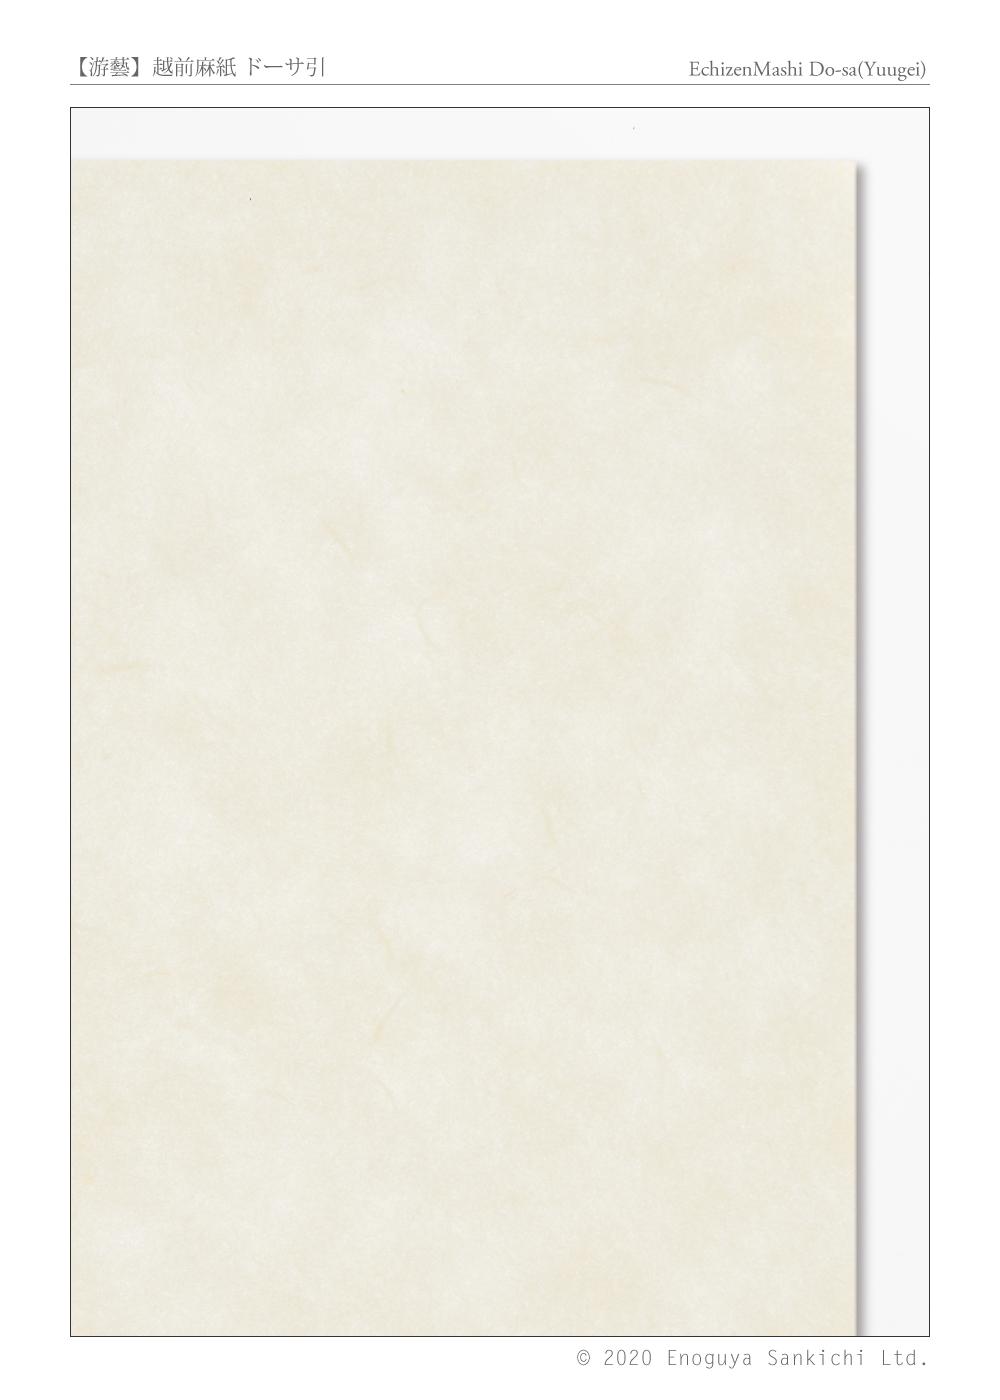 【游藝】 越前麻紙 ドーサ引